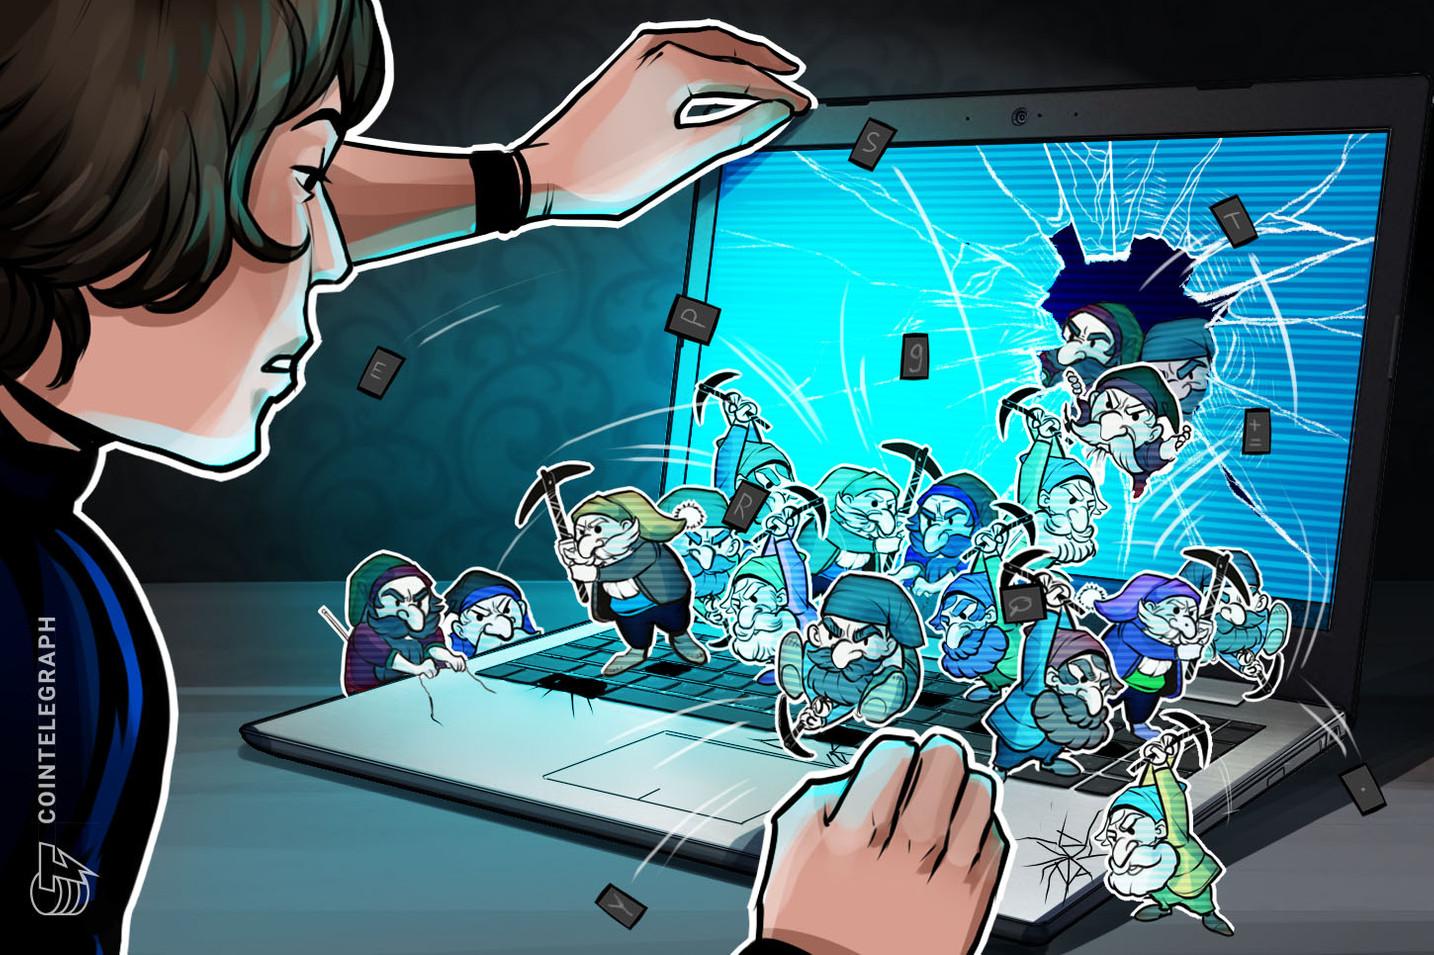 Pesquisadores advertem para malware de mineração Monero infectando o Windows